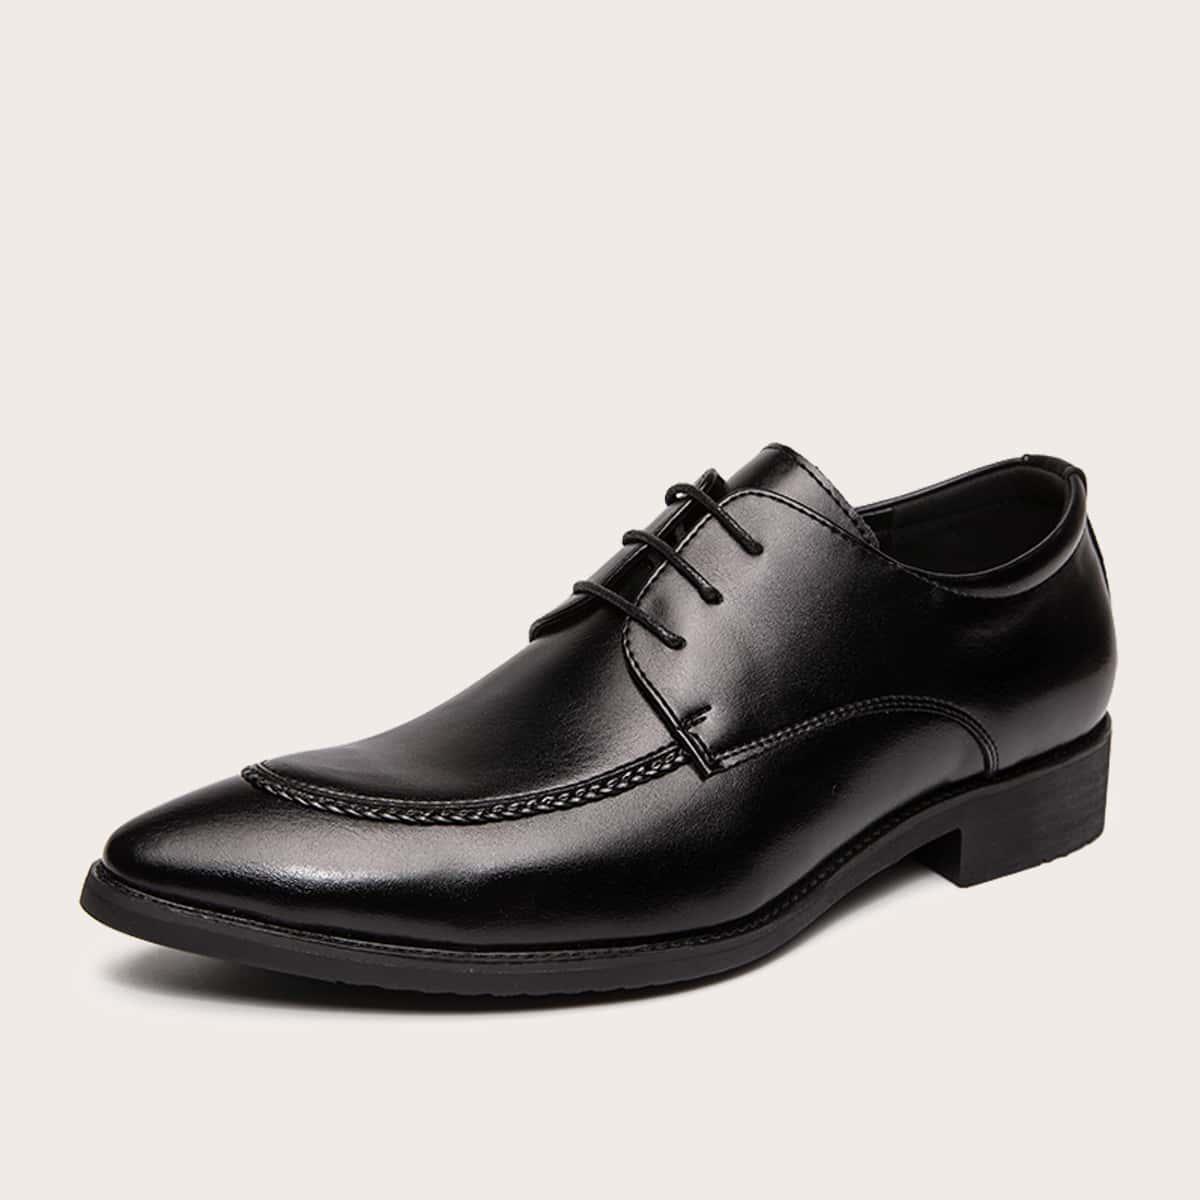 Мужские официальные туфли на шнурках по цене 2 259